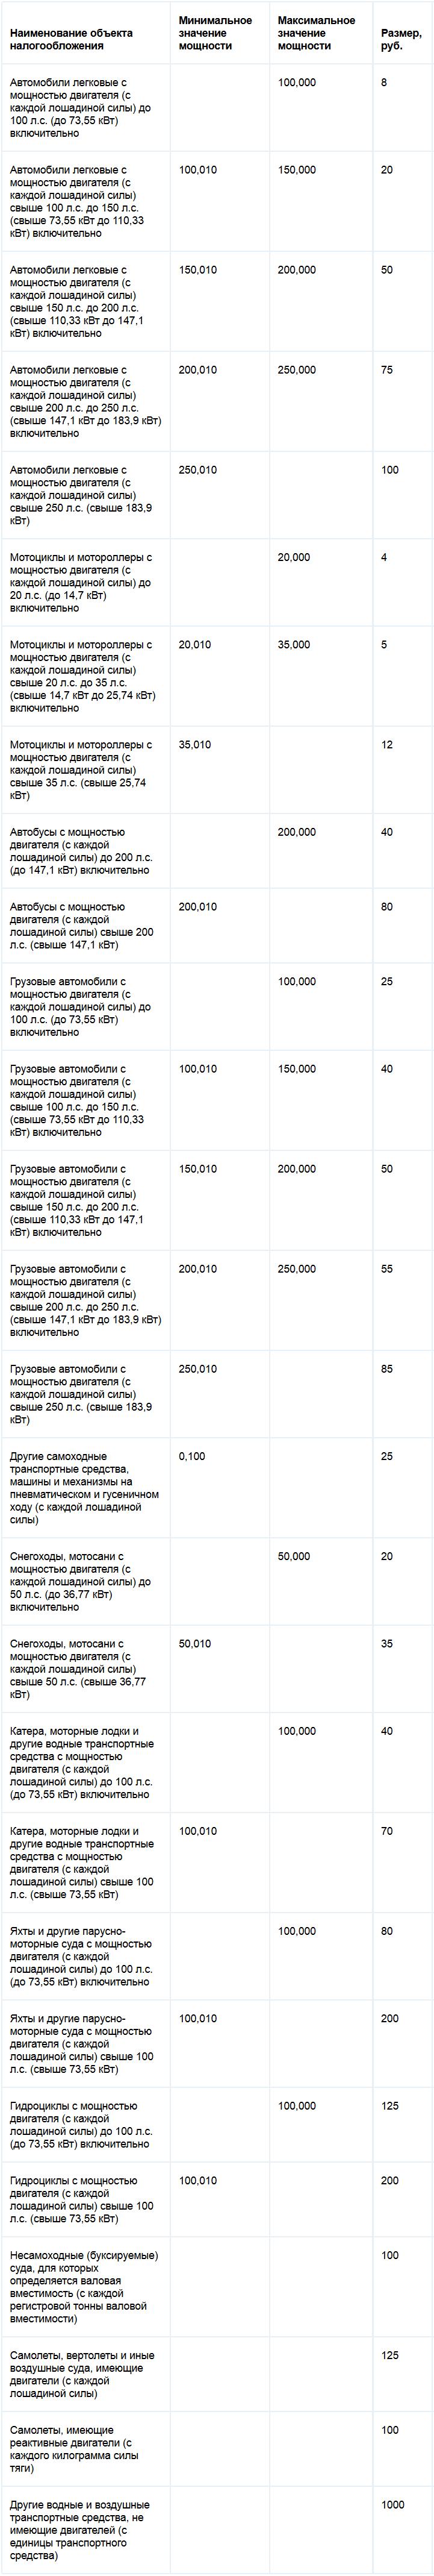 Ставки транспортного налога Республики Удмуртия